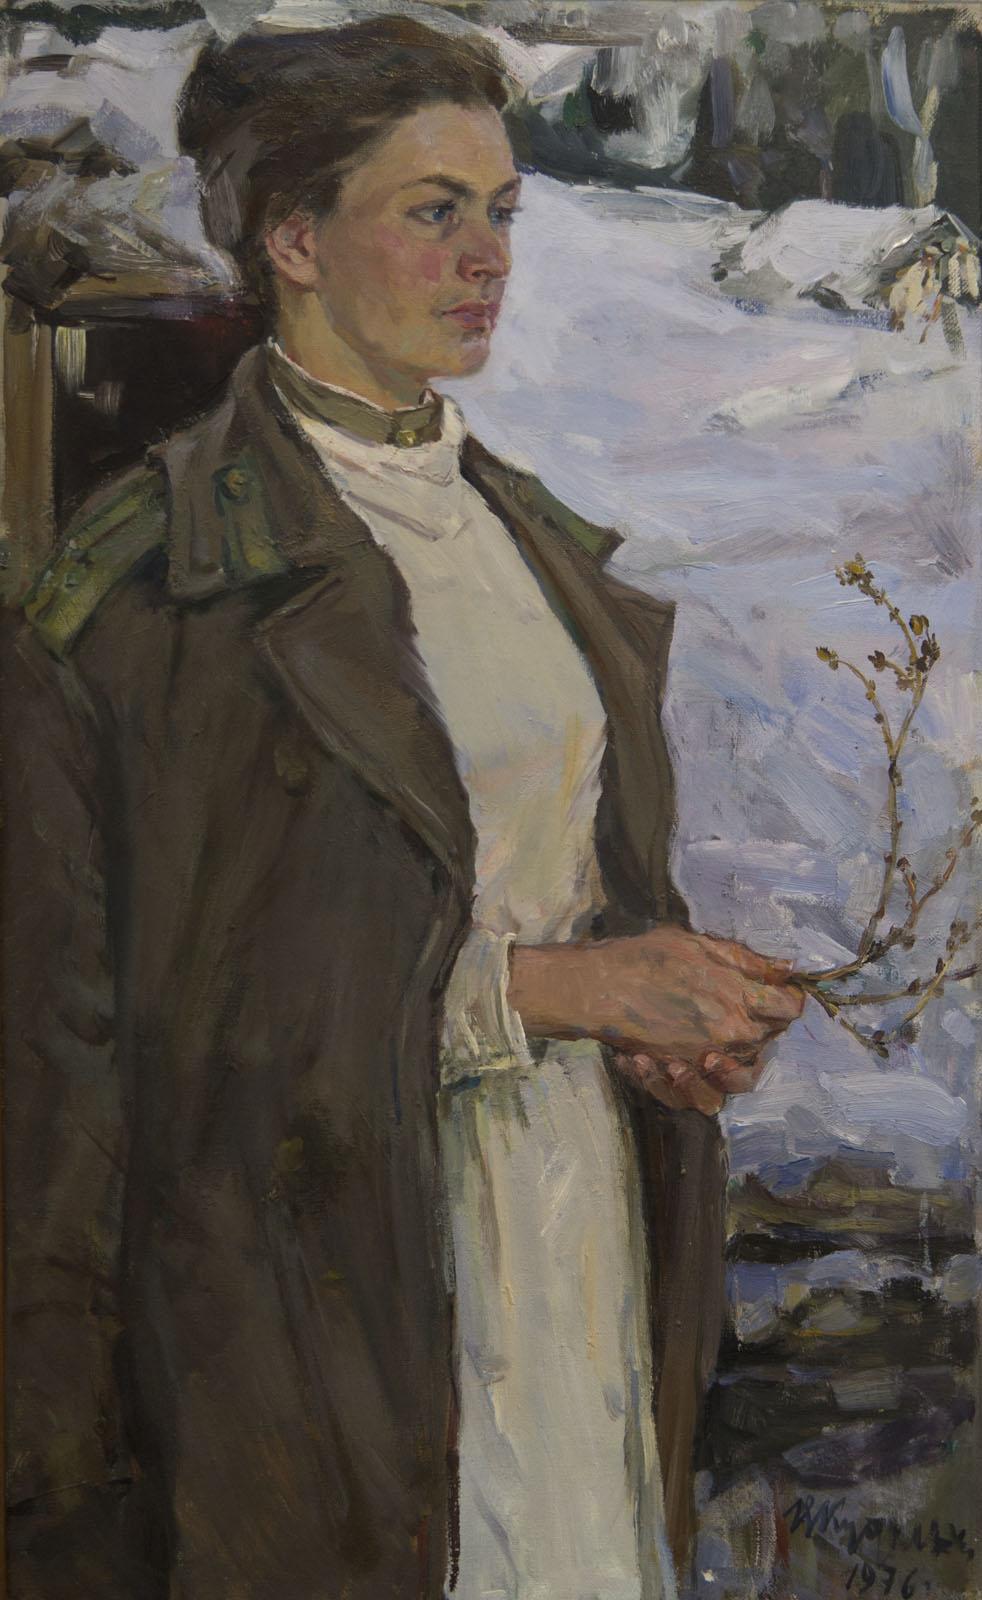 Фото №75726. Медсестра. Портрет Региты Даггелете, 1976, холст, масло